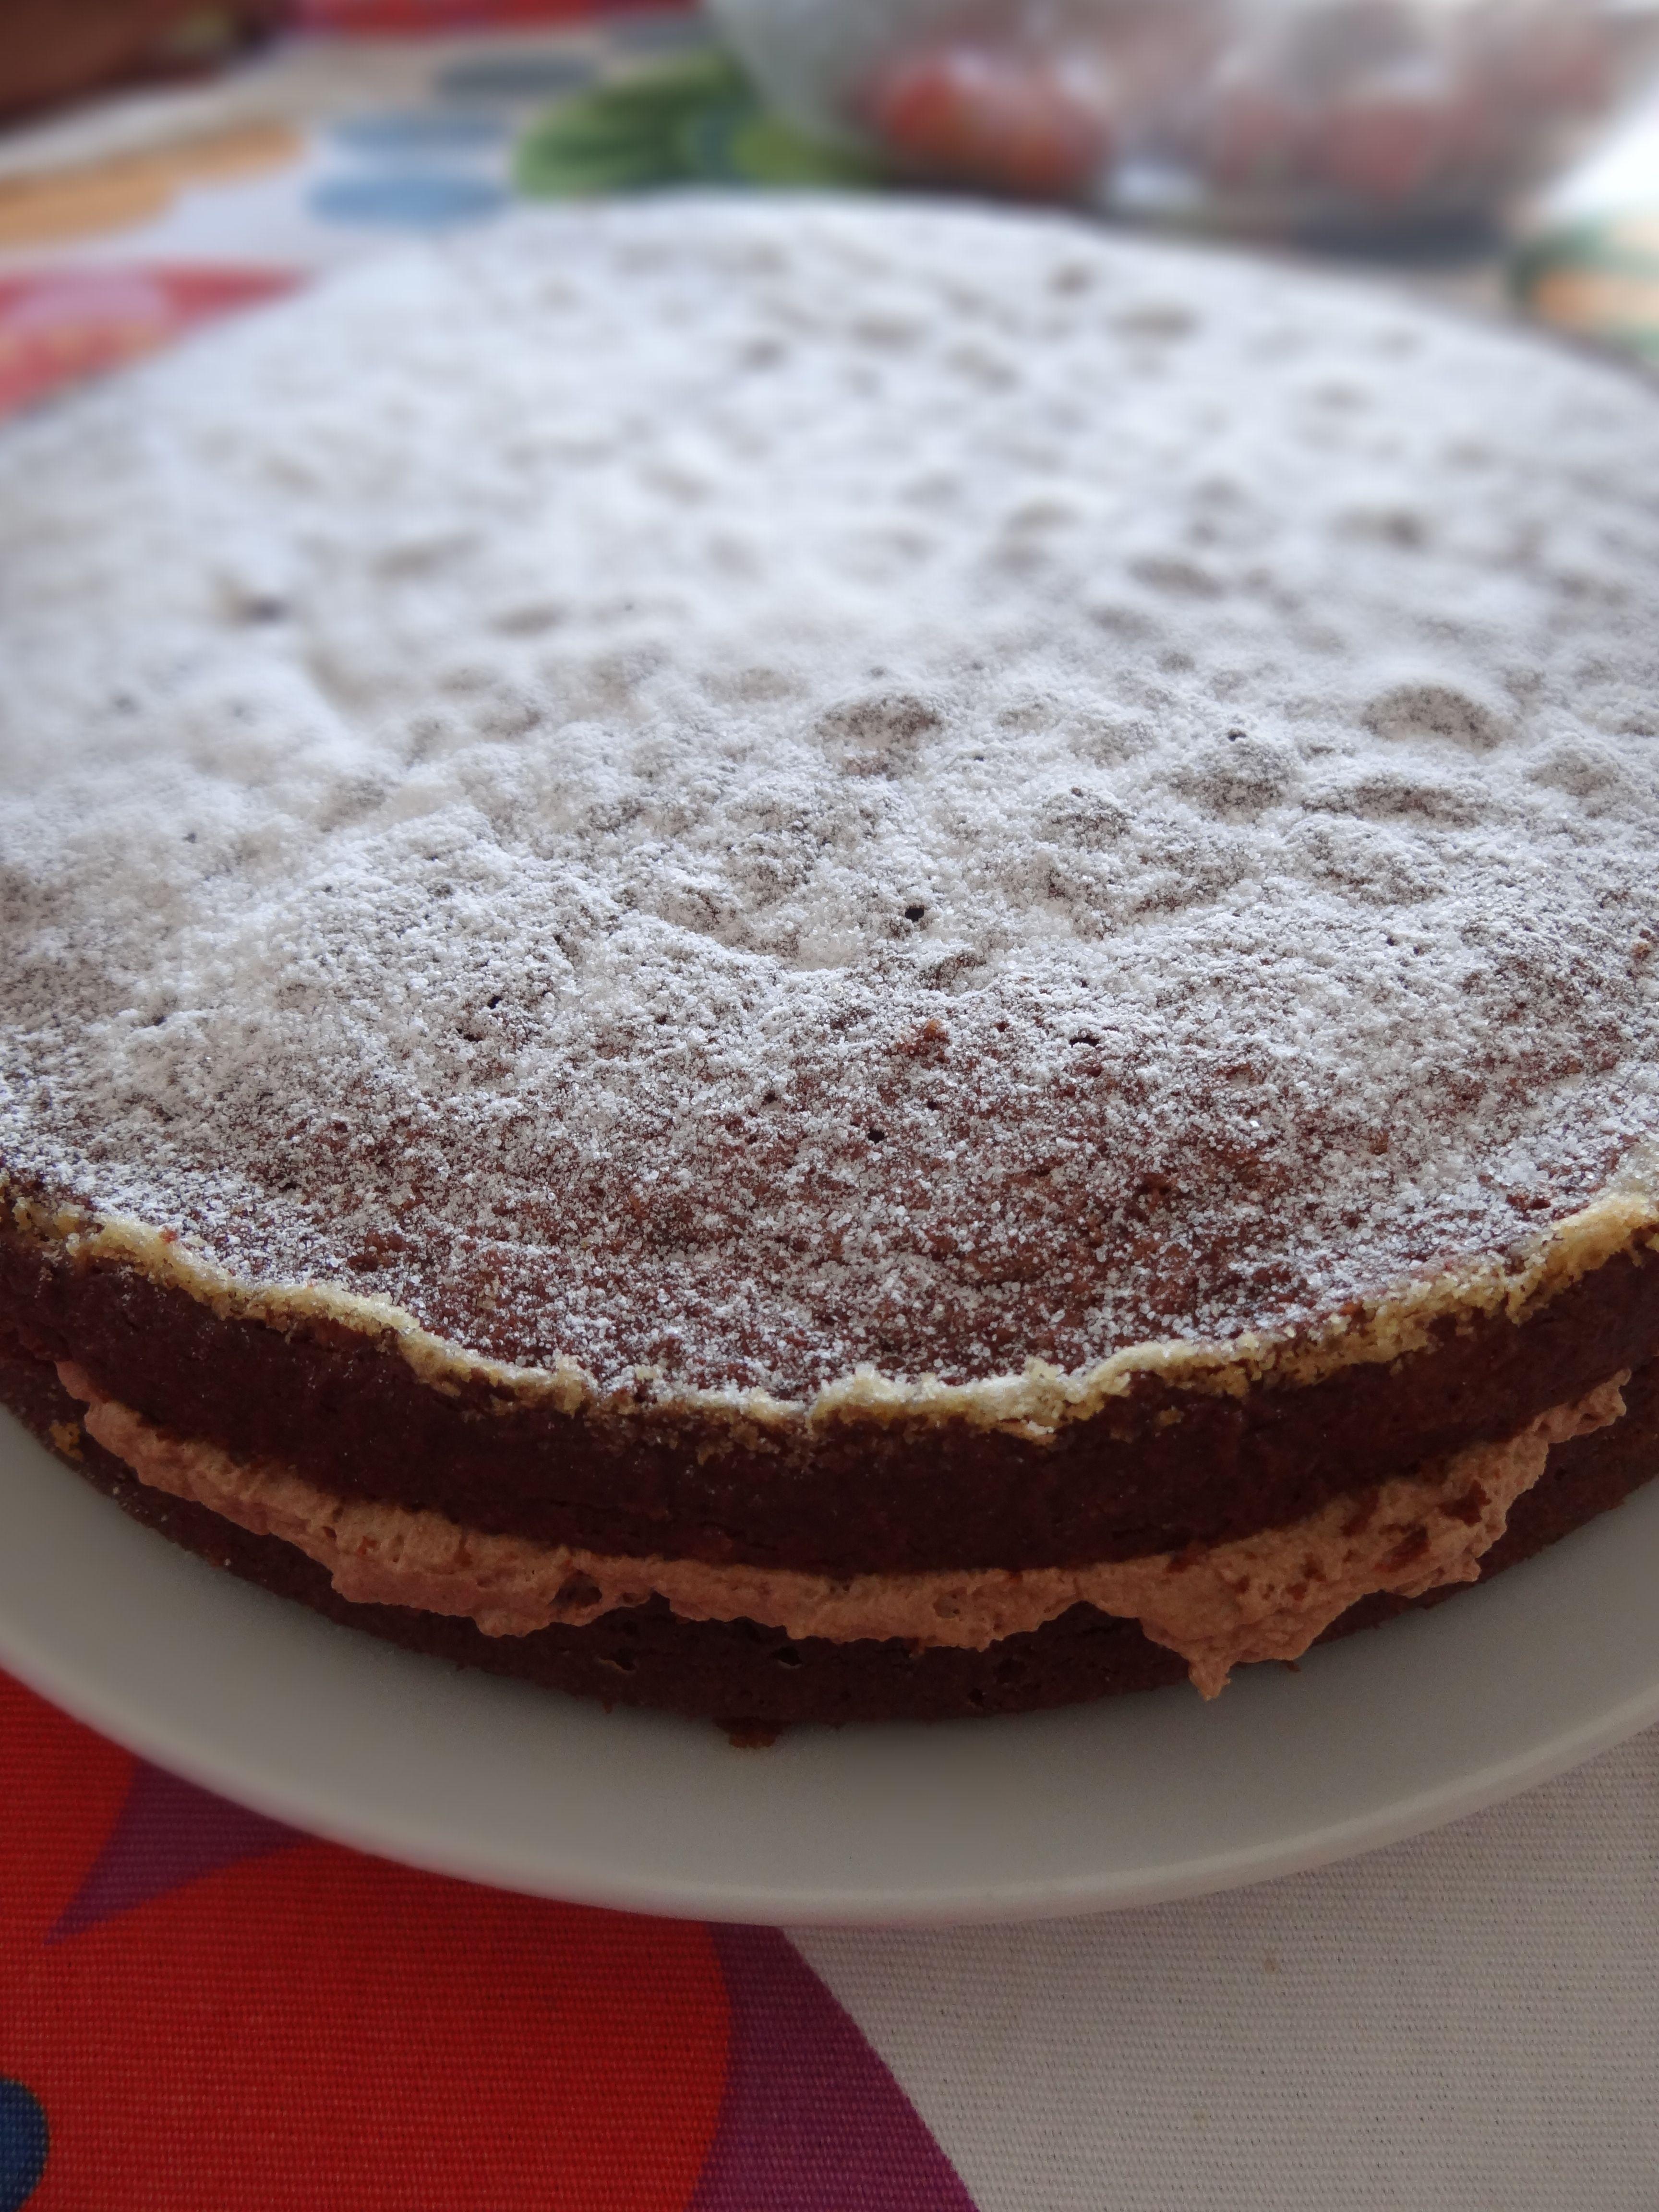 My birthday - chocolate cake